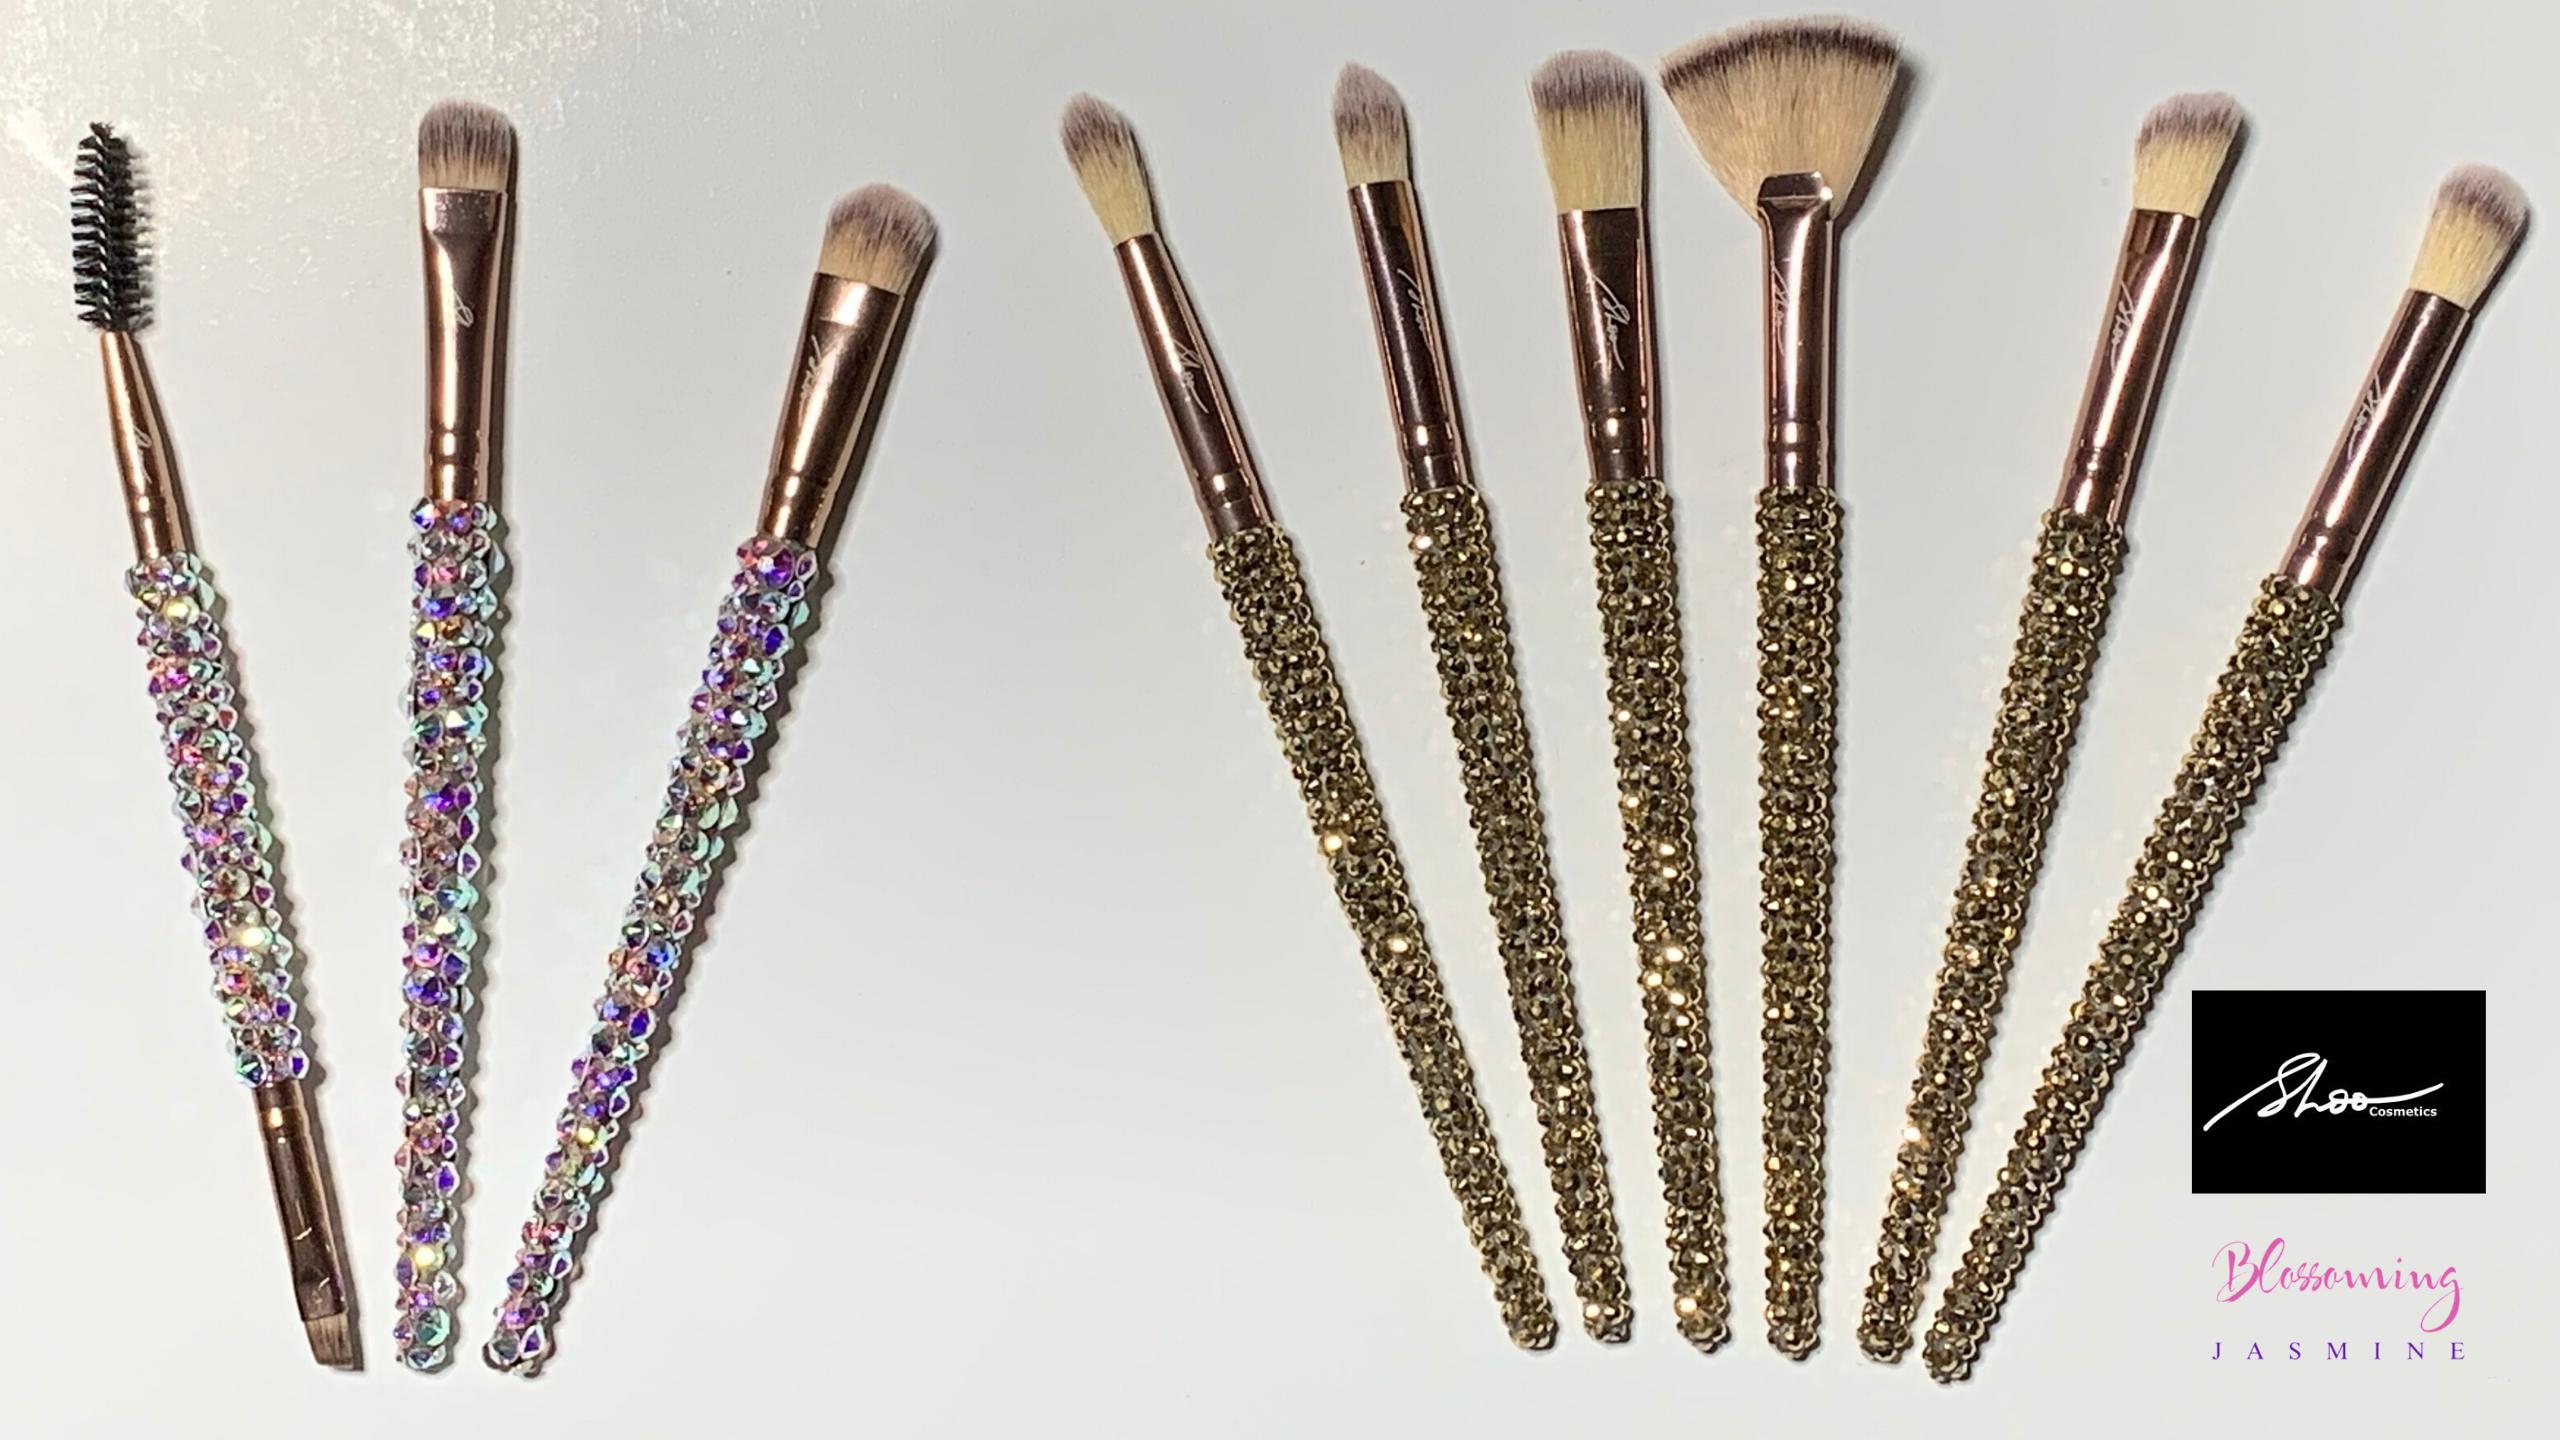 Swarovski MakeUp Brushes